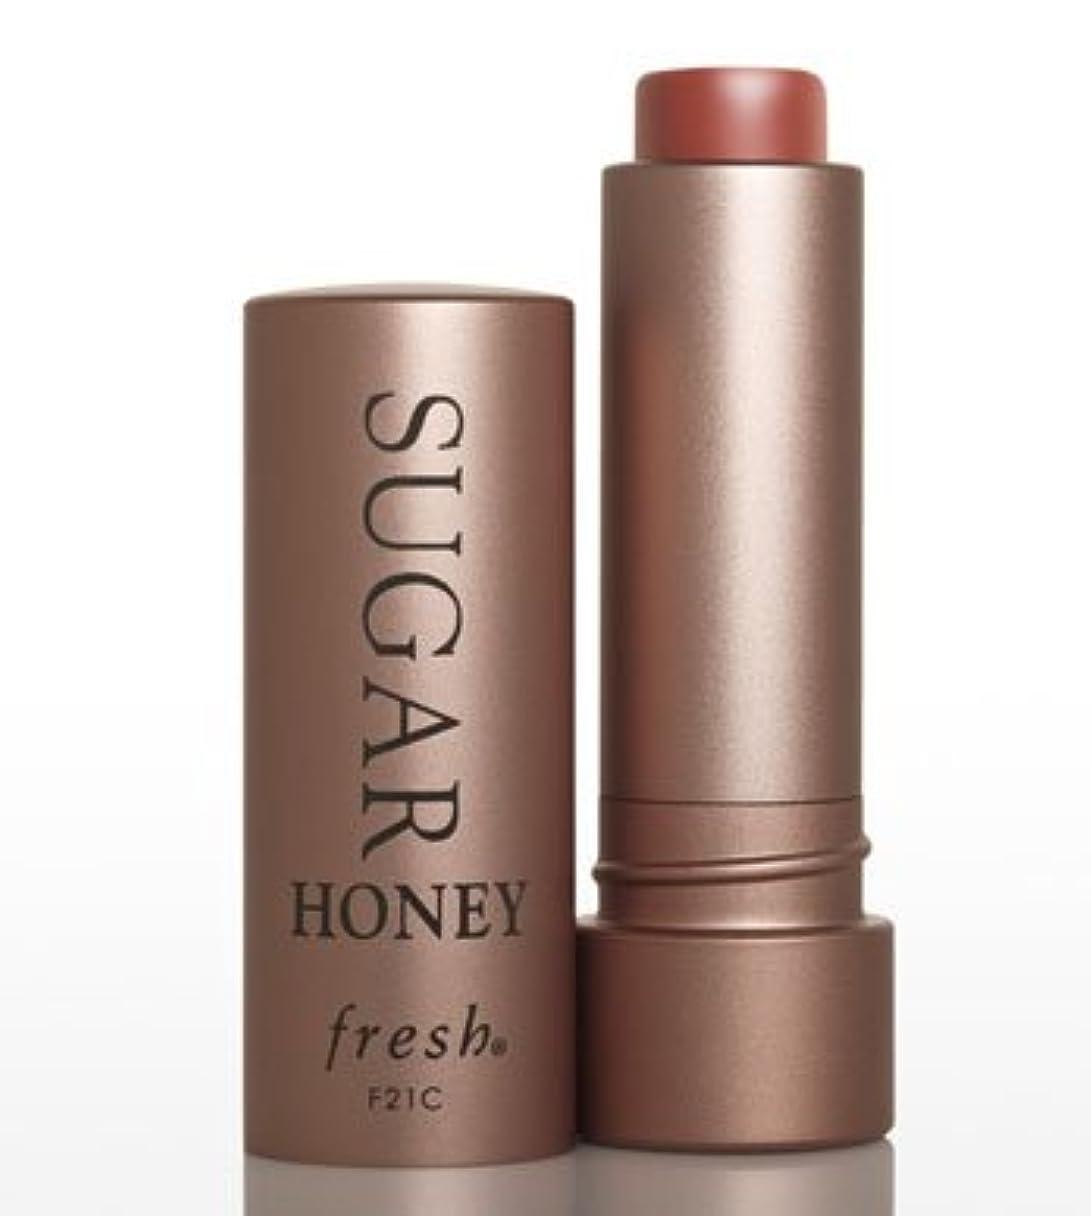 不定州断片Fresh SUGAR Honey TINTED LIP TREATMENT SPF15(フレッシュ シュガー ハニー ティンテッド リップ トリートメント SPF15) 0.15 oz (4.3g)